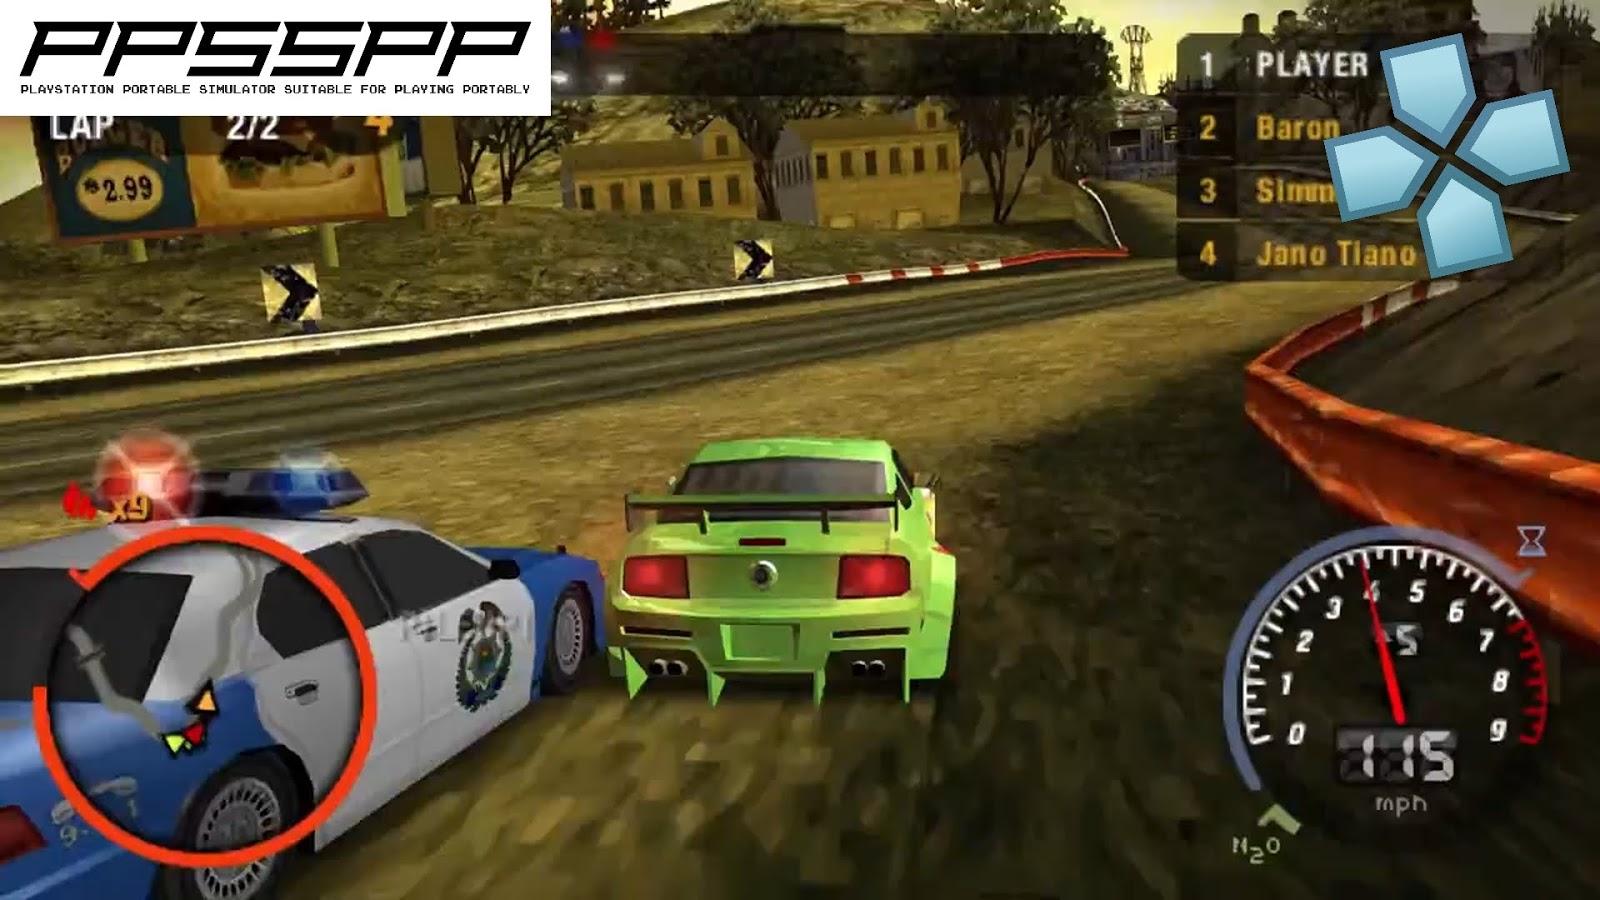 تحميل لعبة need for speed للاندرويد